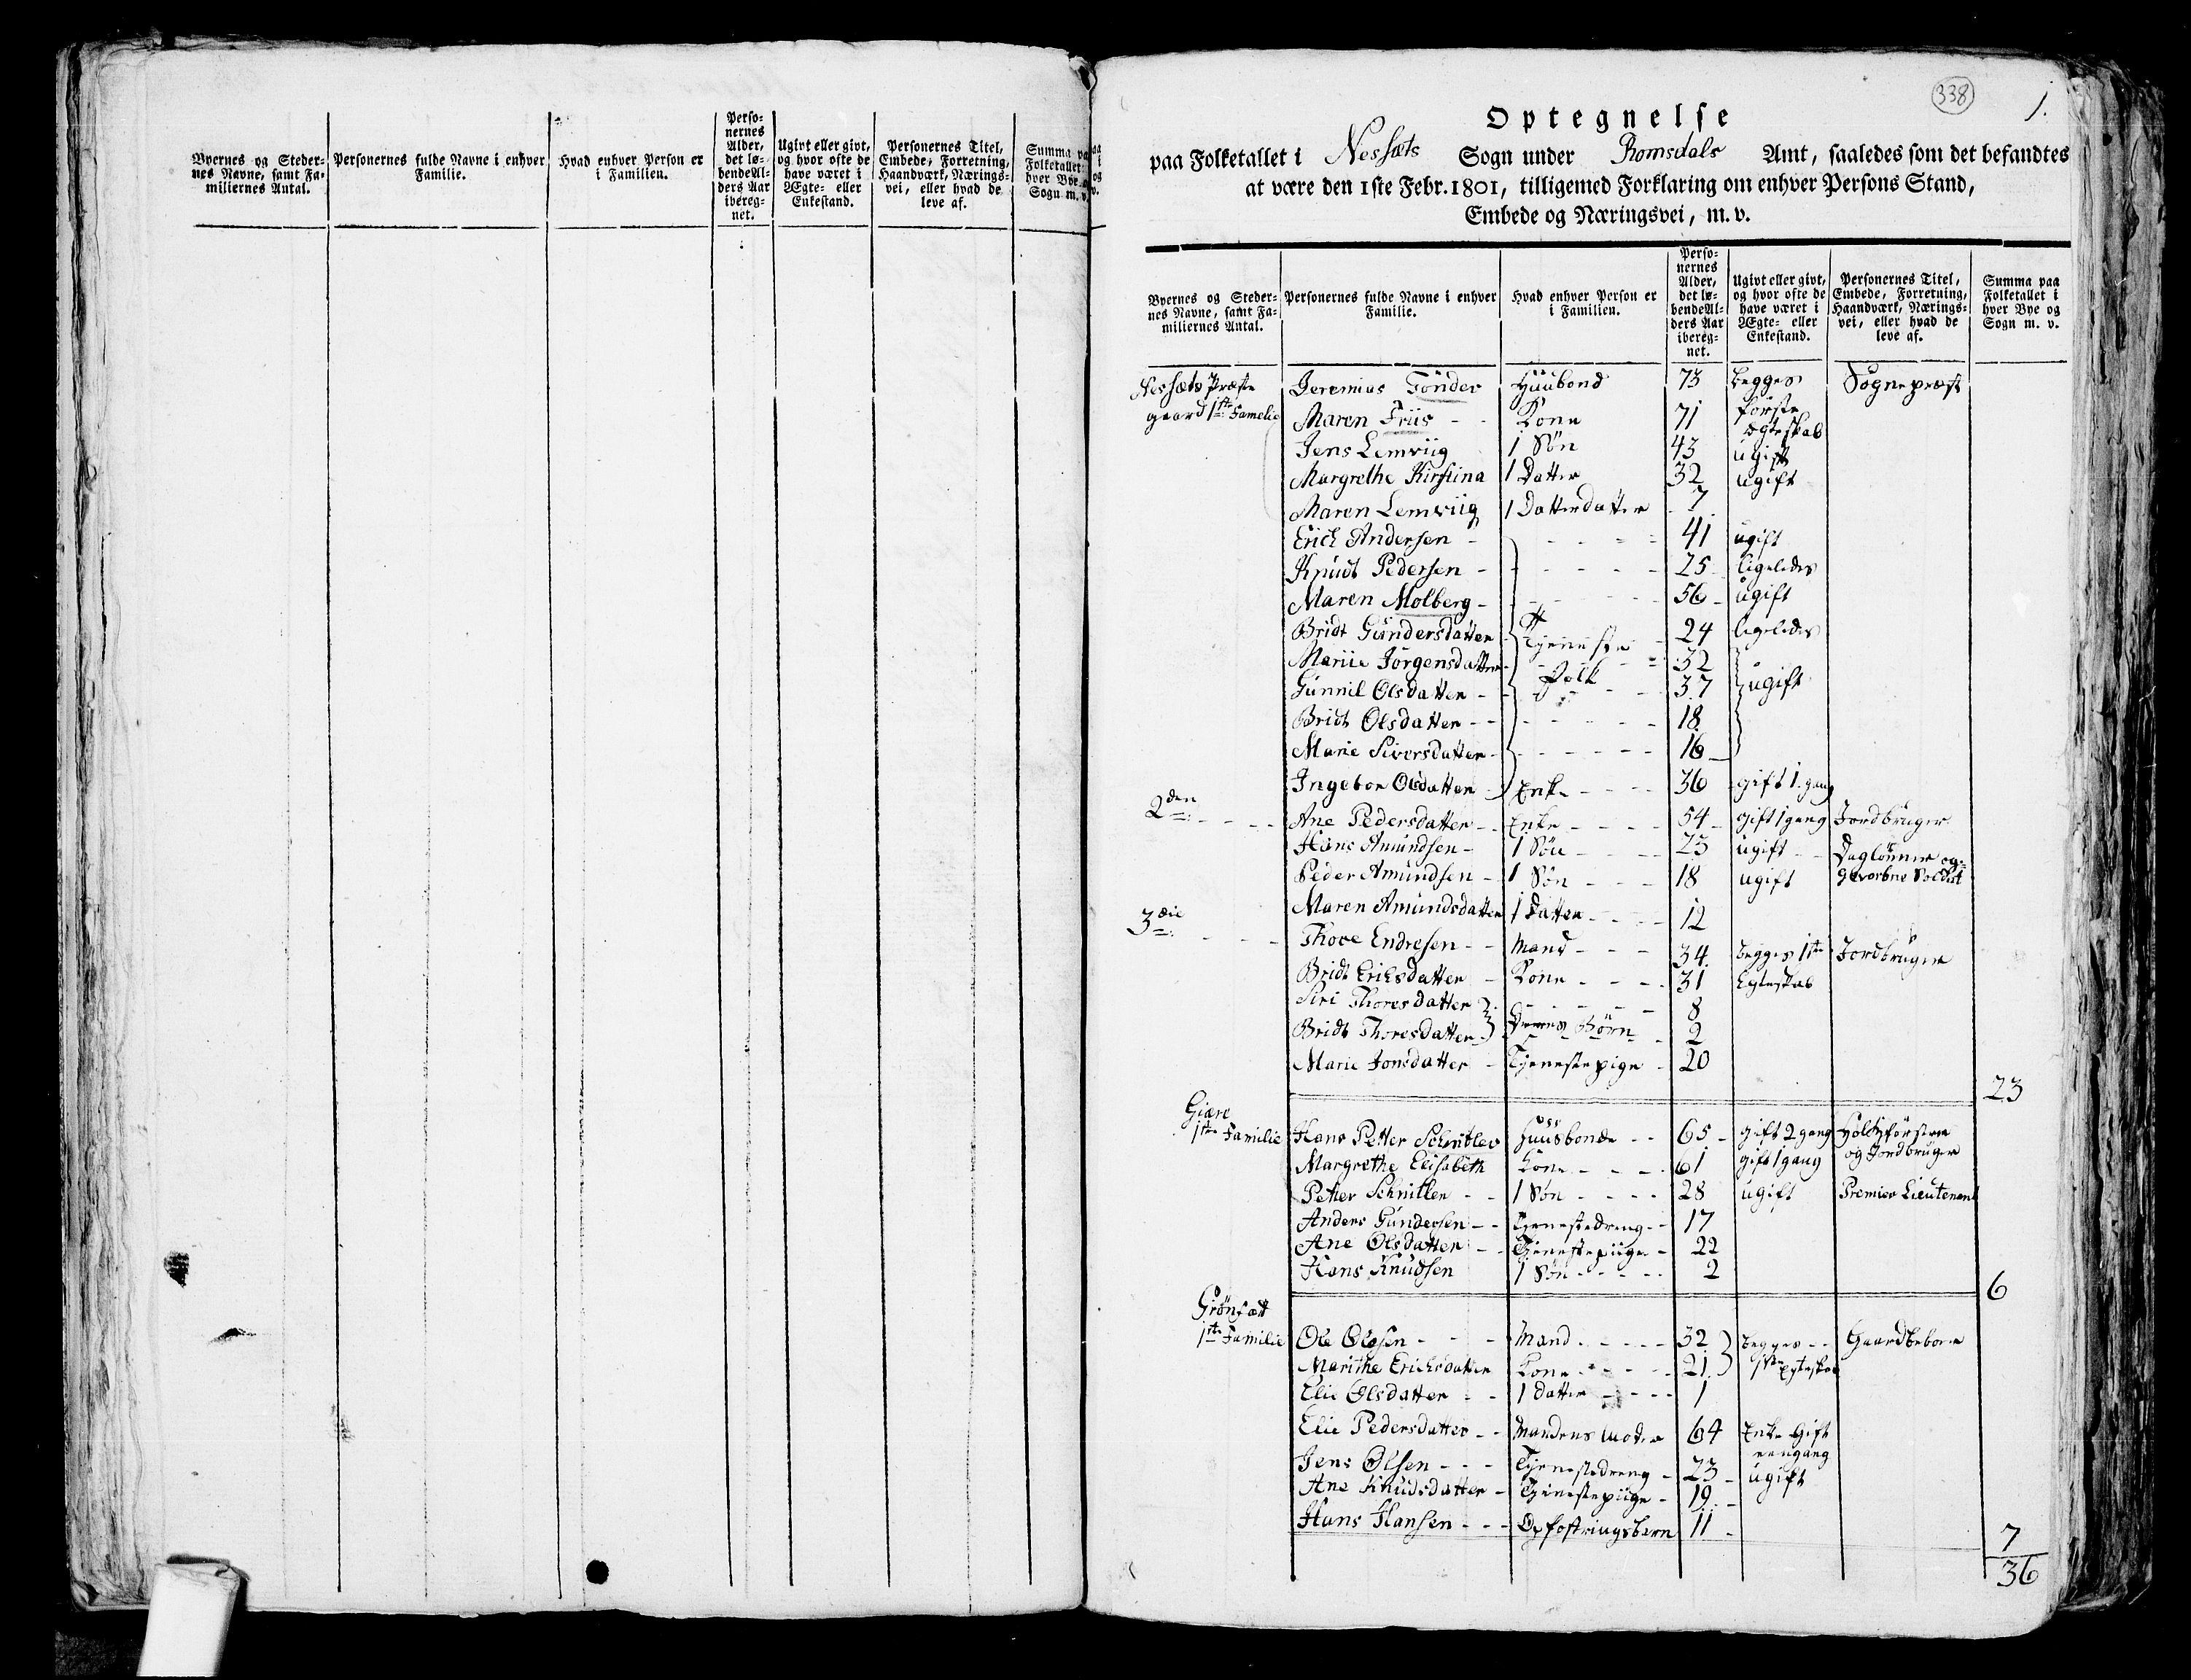 RA, Folketelling 1801 for 1543P Nesset prestegjeld, 1801, s. 337b-338a